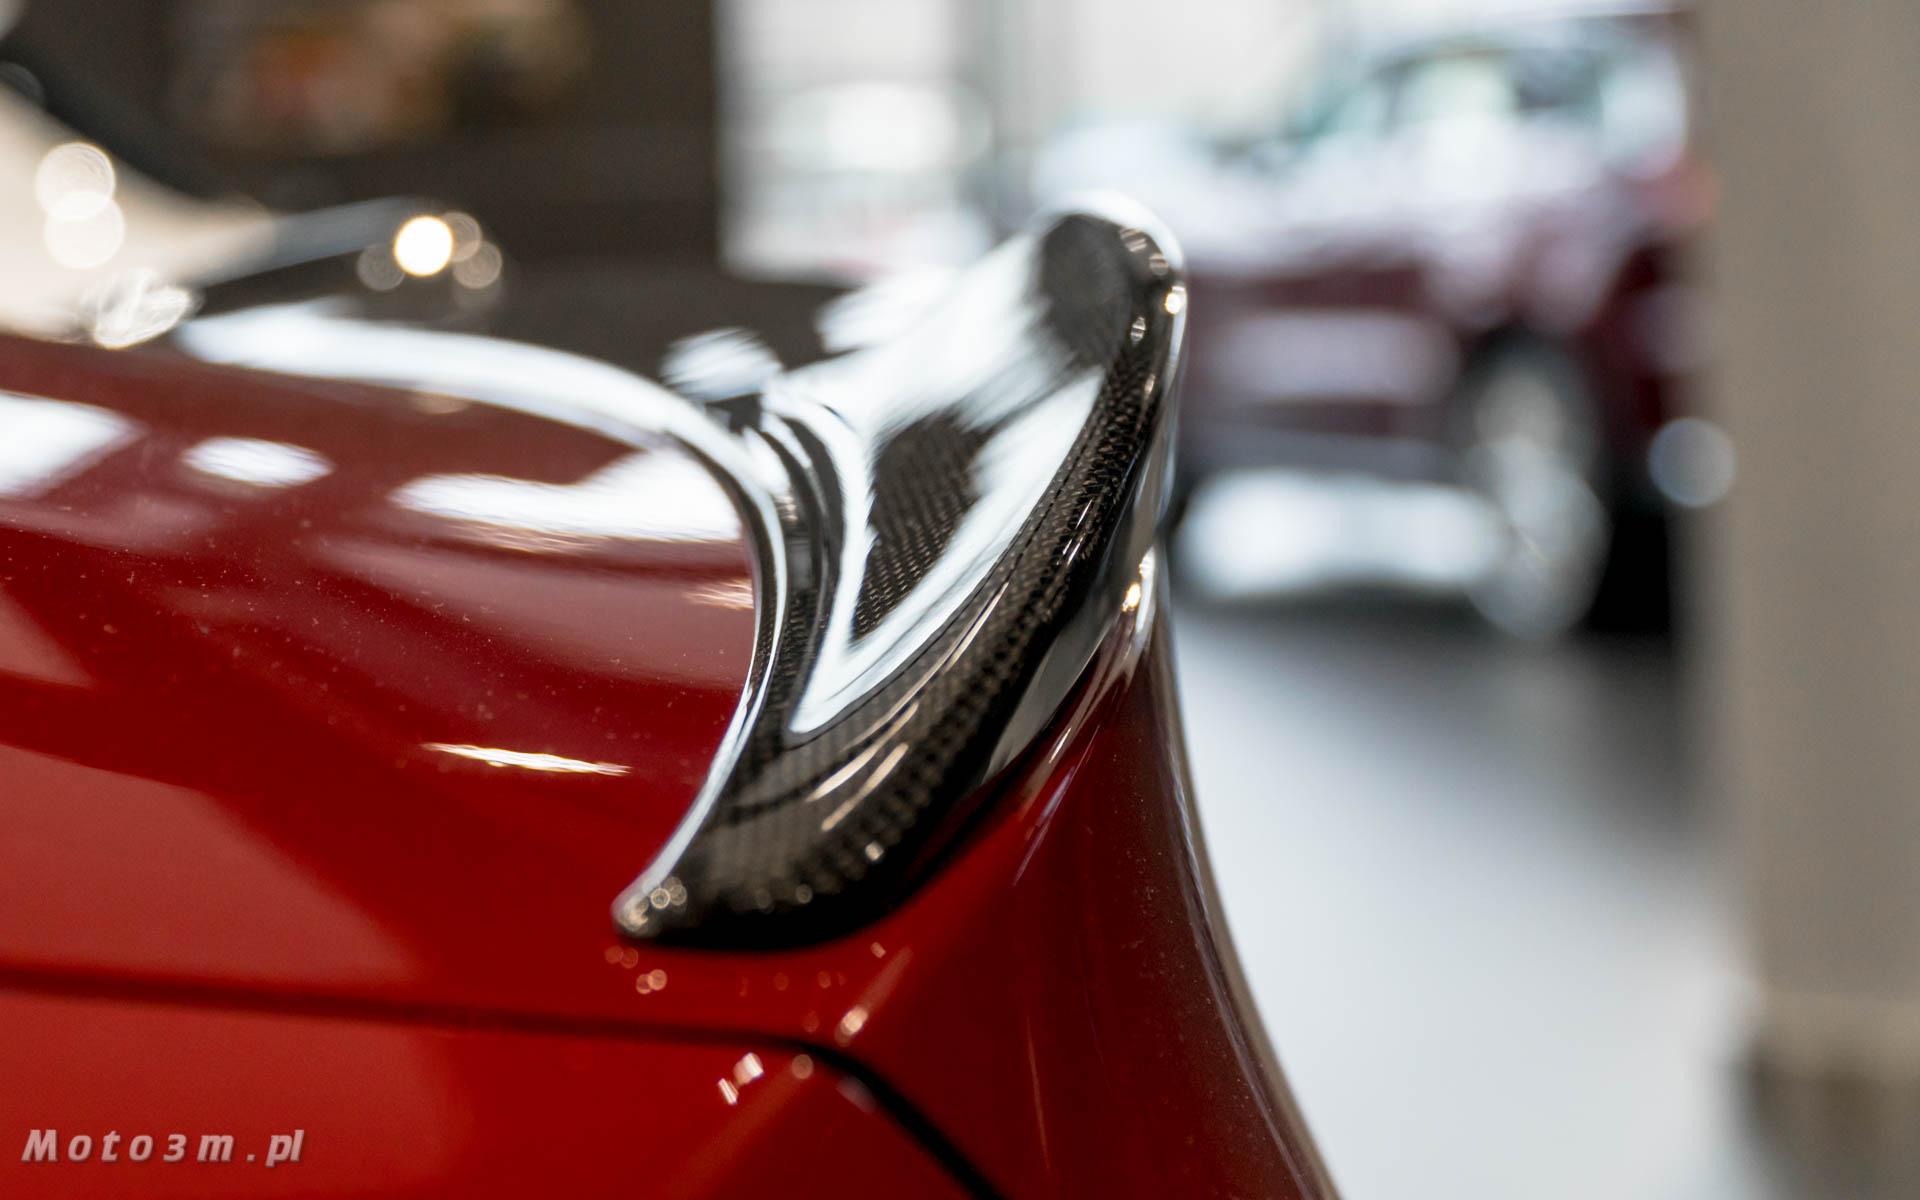 Rzadkie Modele W Atrakcyjnych Cenach W Centrum Motoryzacyjnym Auto Plus Moto3m Pl